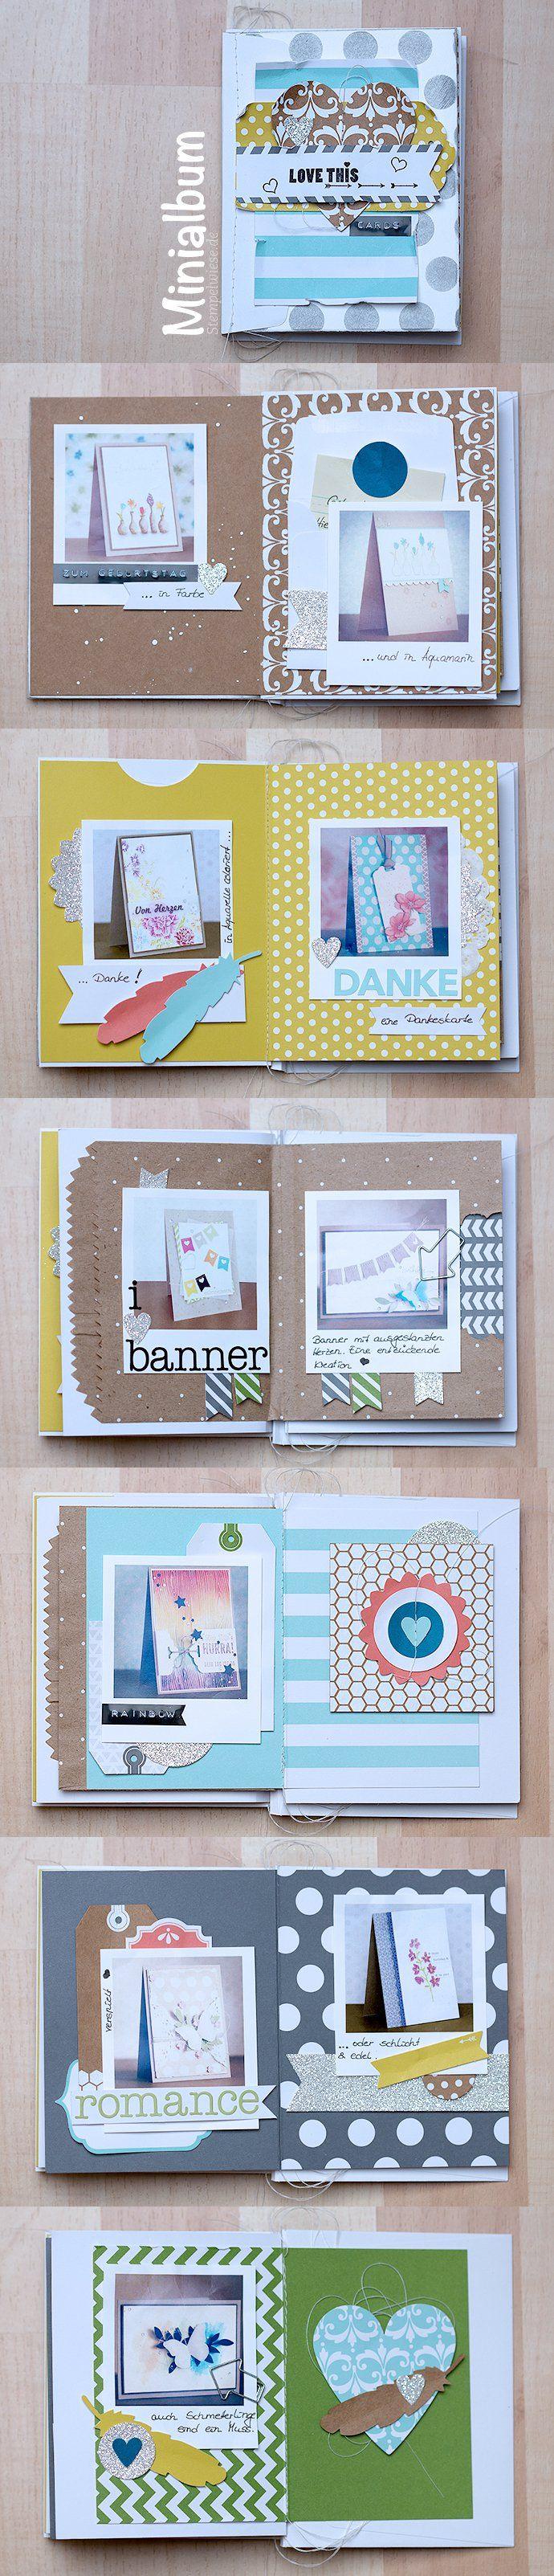 Ein weiteres tolles Projekt aus dem Onlinekurs von Janna Werner ist dieses kleine Minialbum bestehend aus 12 Seiten. Hierfür habe ich auch meinen kleinen DYMO Junior verwendet. Damit kann man ganz schnell kleines Titel prägen und direkt einkleben. Beim dem DYMO Junior gefällt mir die Schriftgröße – die Buchstaben sind ca. 3mm groß, also ideal...